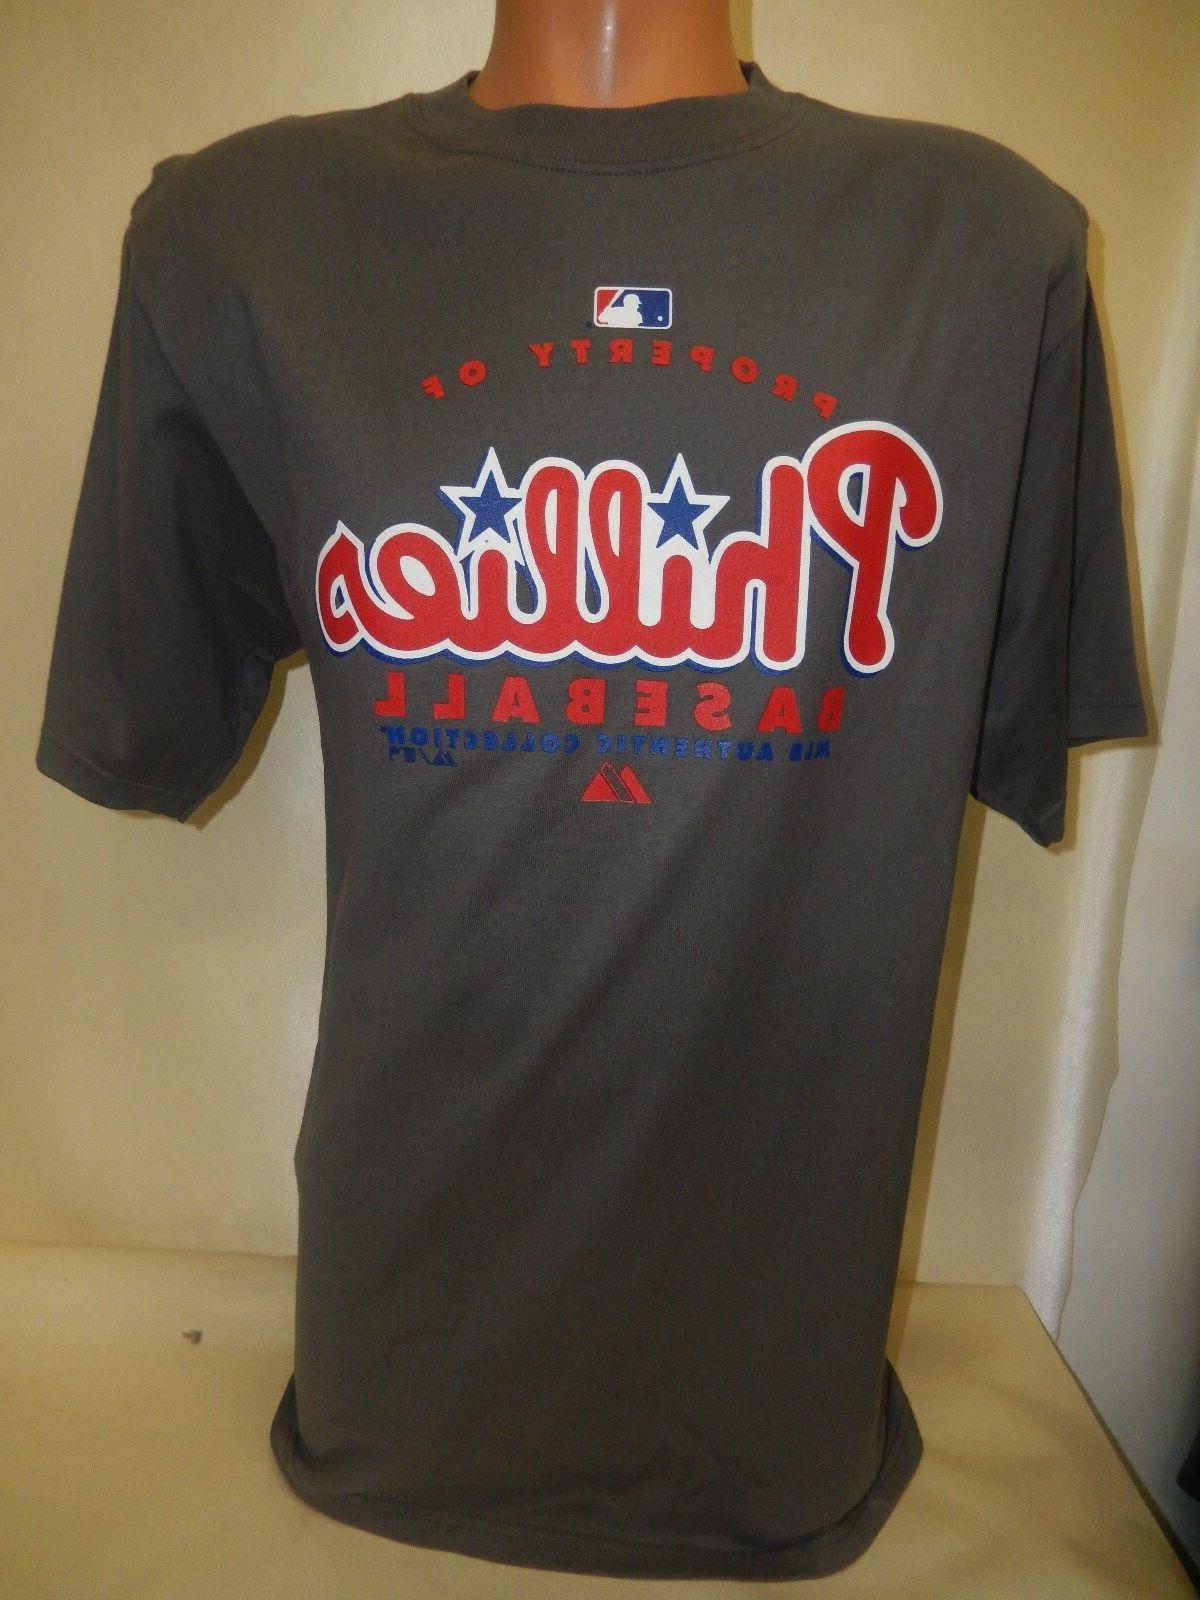 9601 58 mens philadelphia phillies authentic jersey